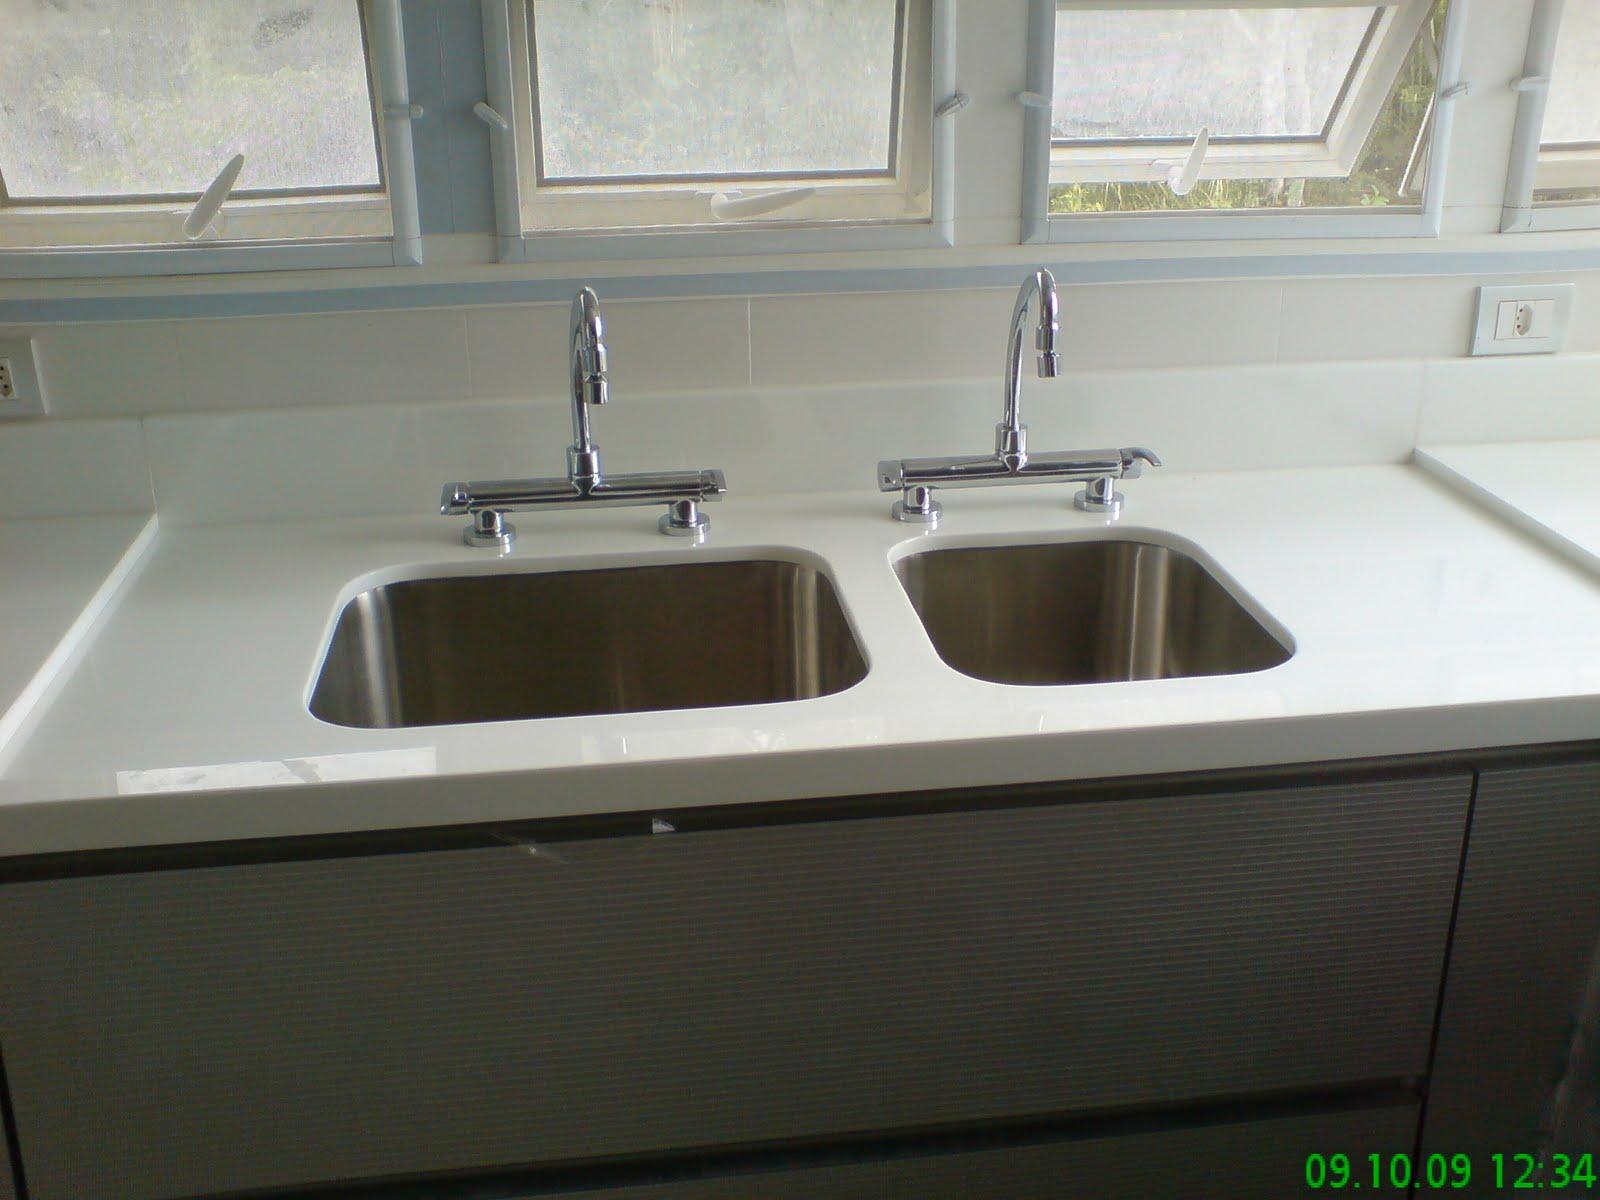 Bancada de Cozinha em Nanoglass (Marmoglass) Cuba Dupla e parte seca #0F7112 1600x1200 Bancada Banheiro Marmoglass